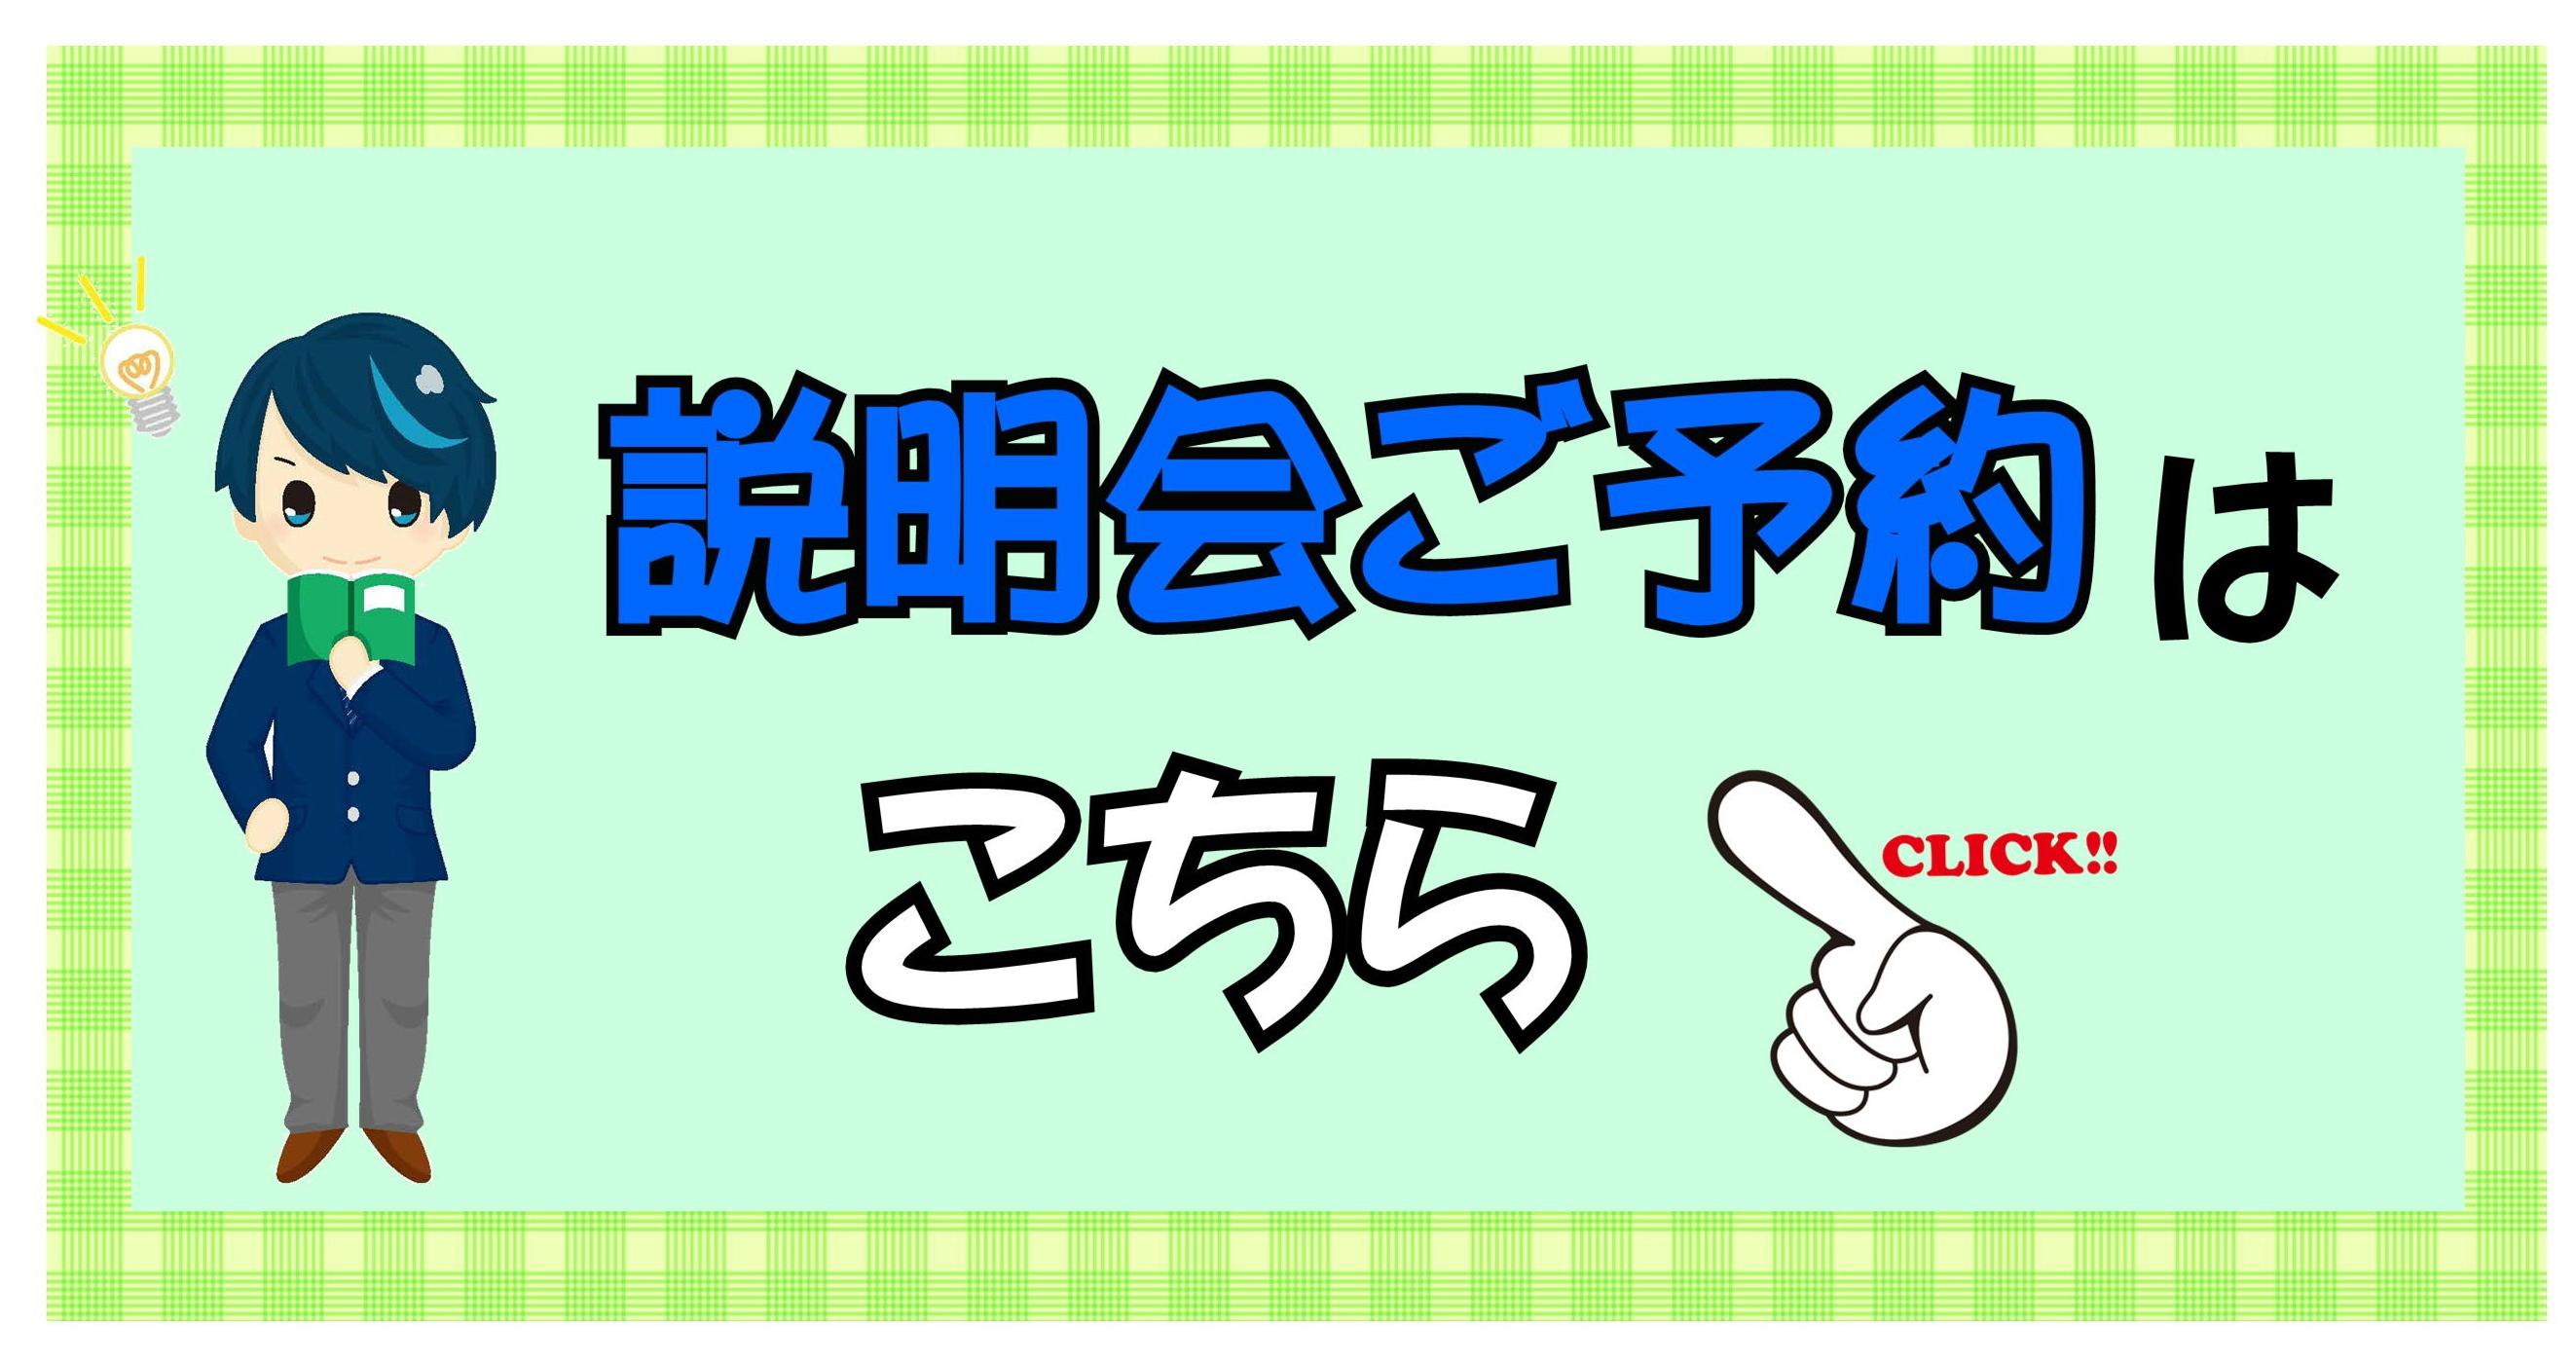 説明会・資料バナー - コピー.JPEG